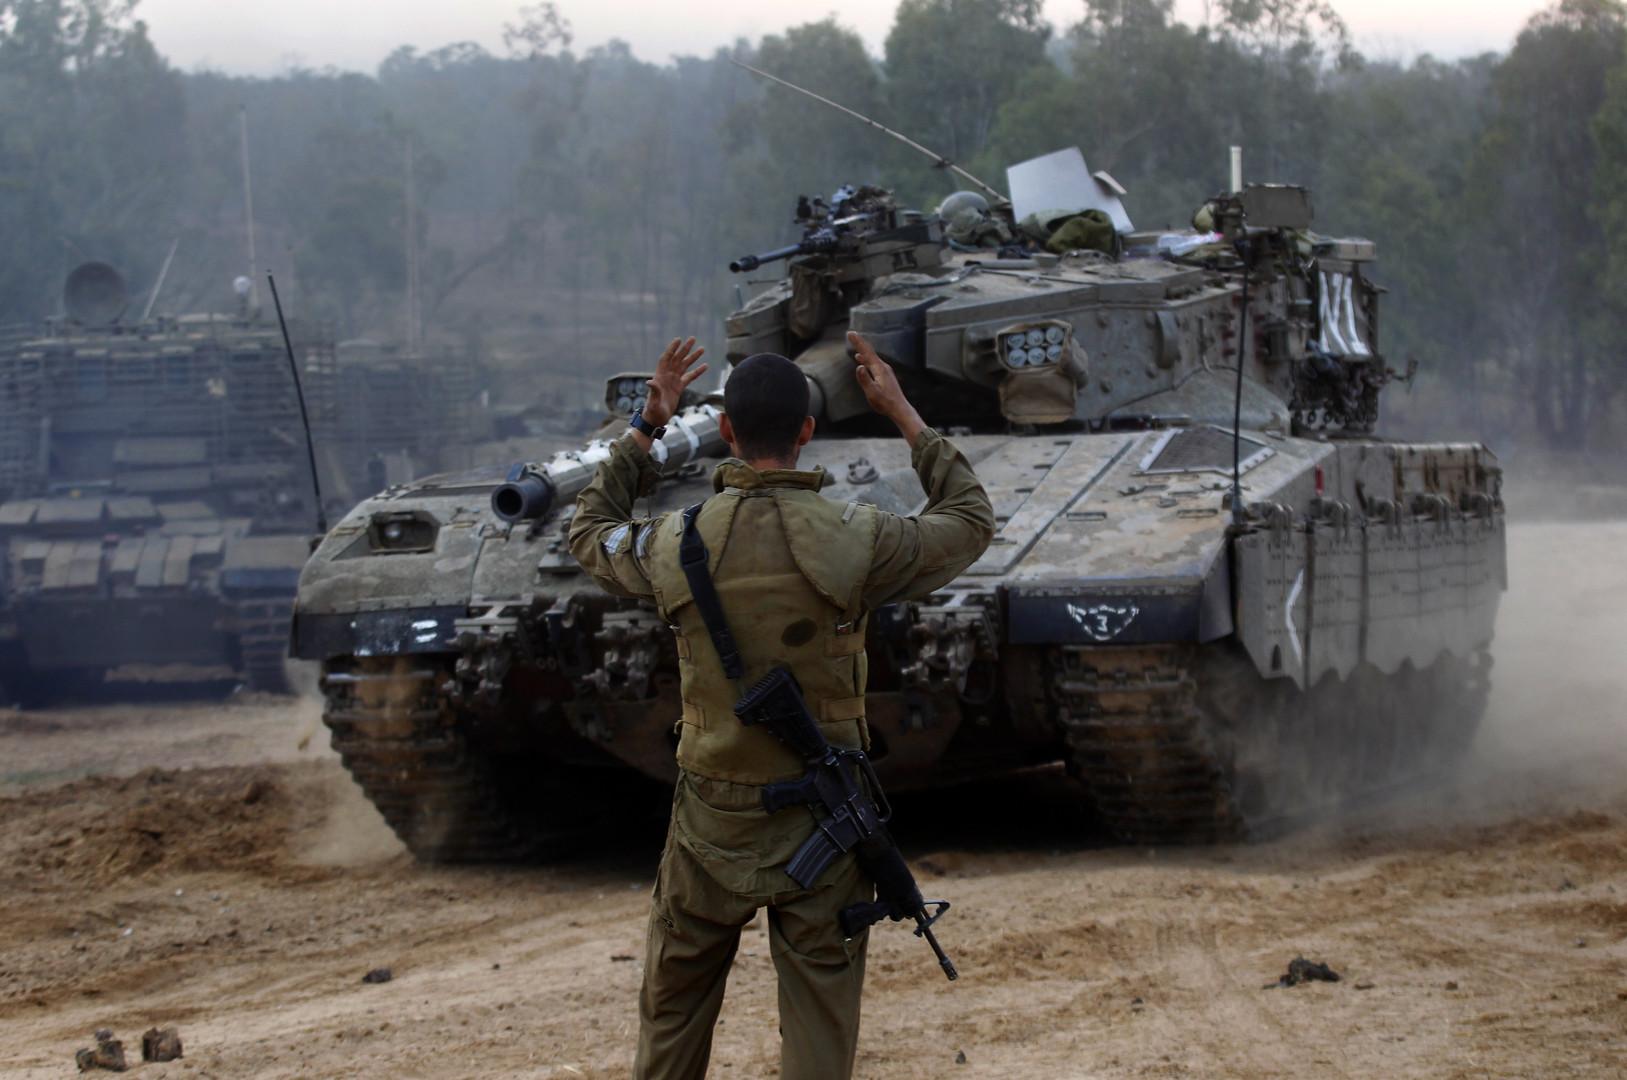 وحدات من الجيش الإسرائيلي على حدود قطاع غزة